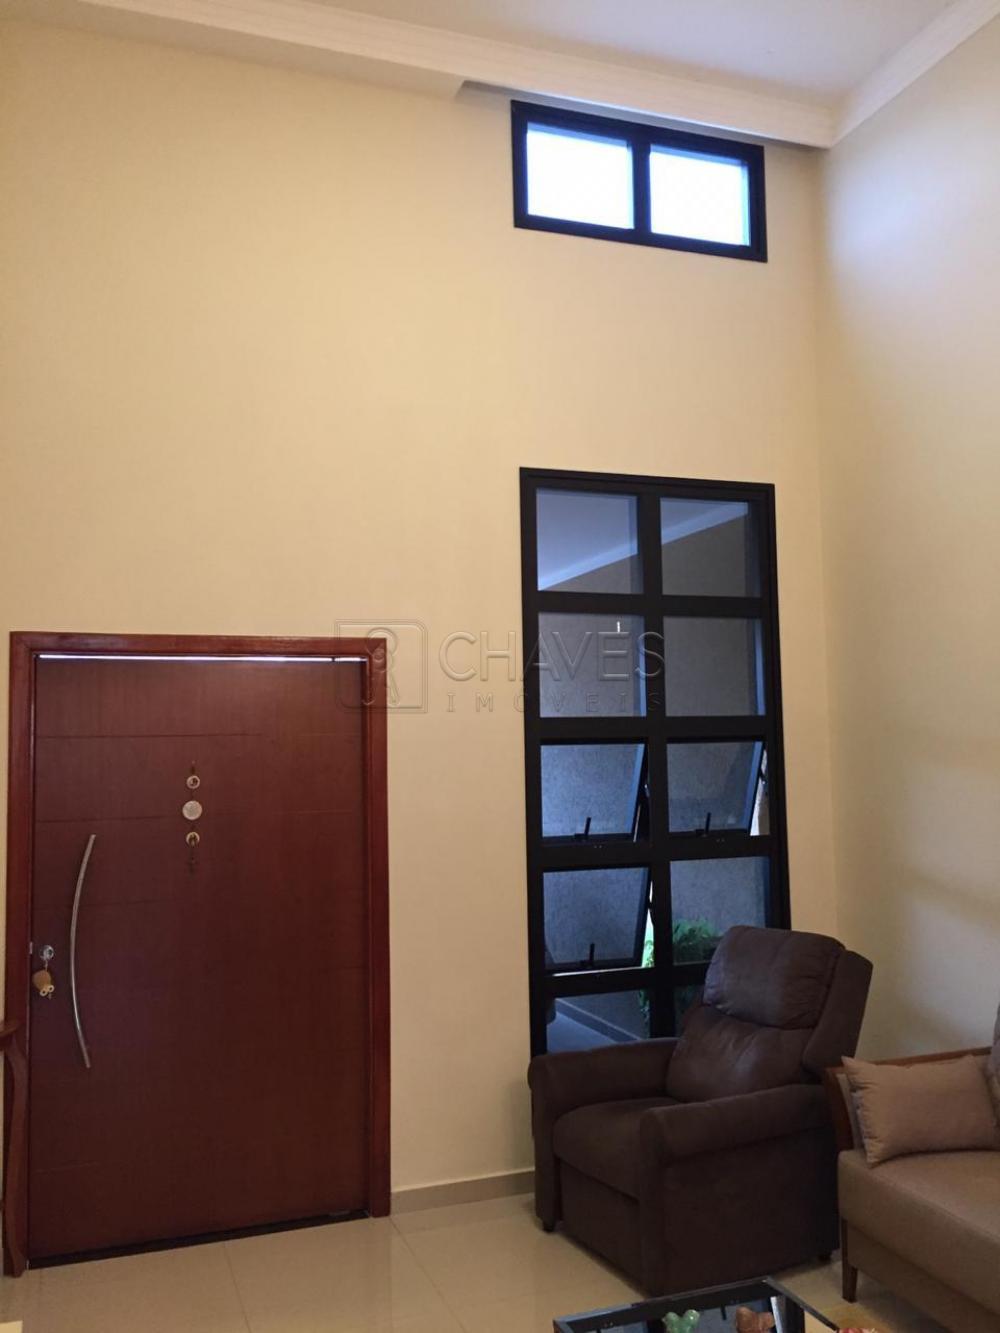 Comprar Casa / Condomínio em Bonfim Paulista apenas R$ 900.000,00 - Foto 7